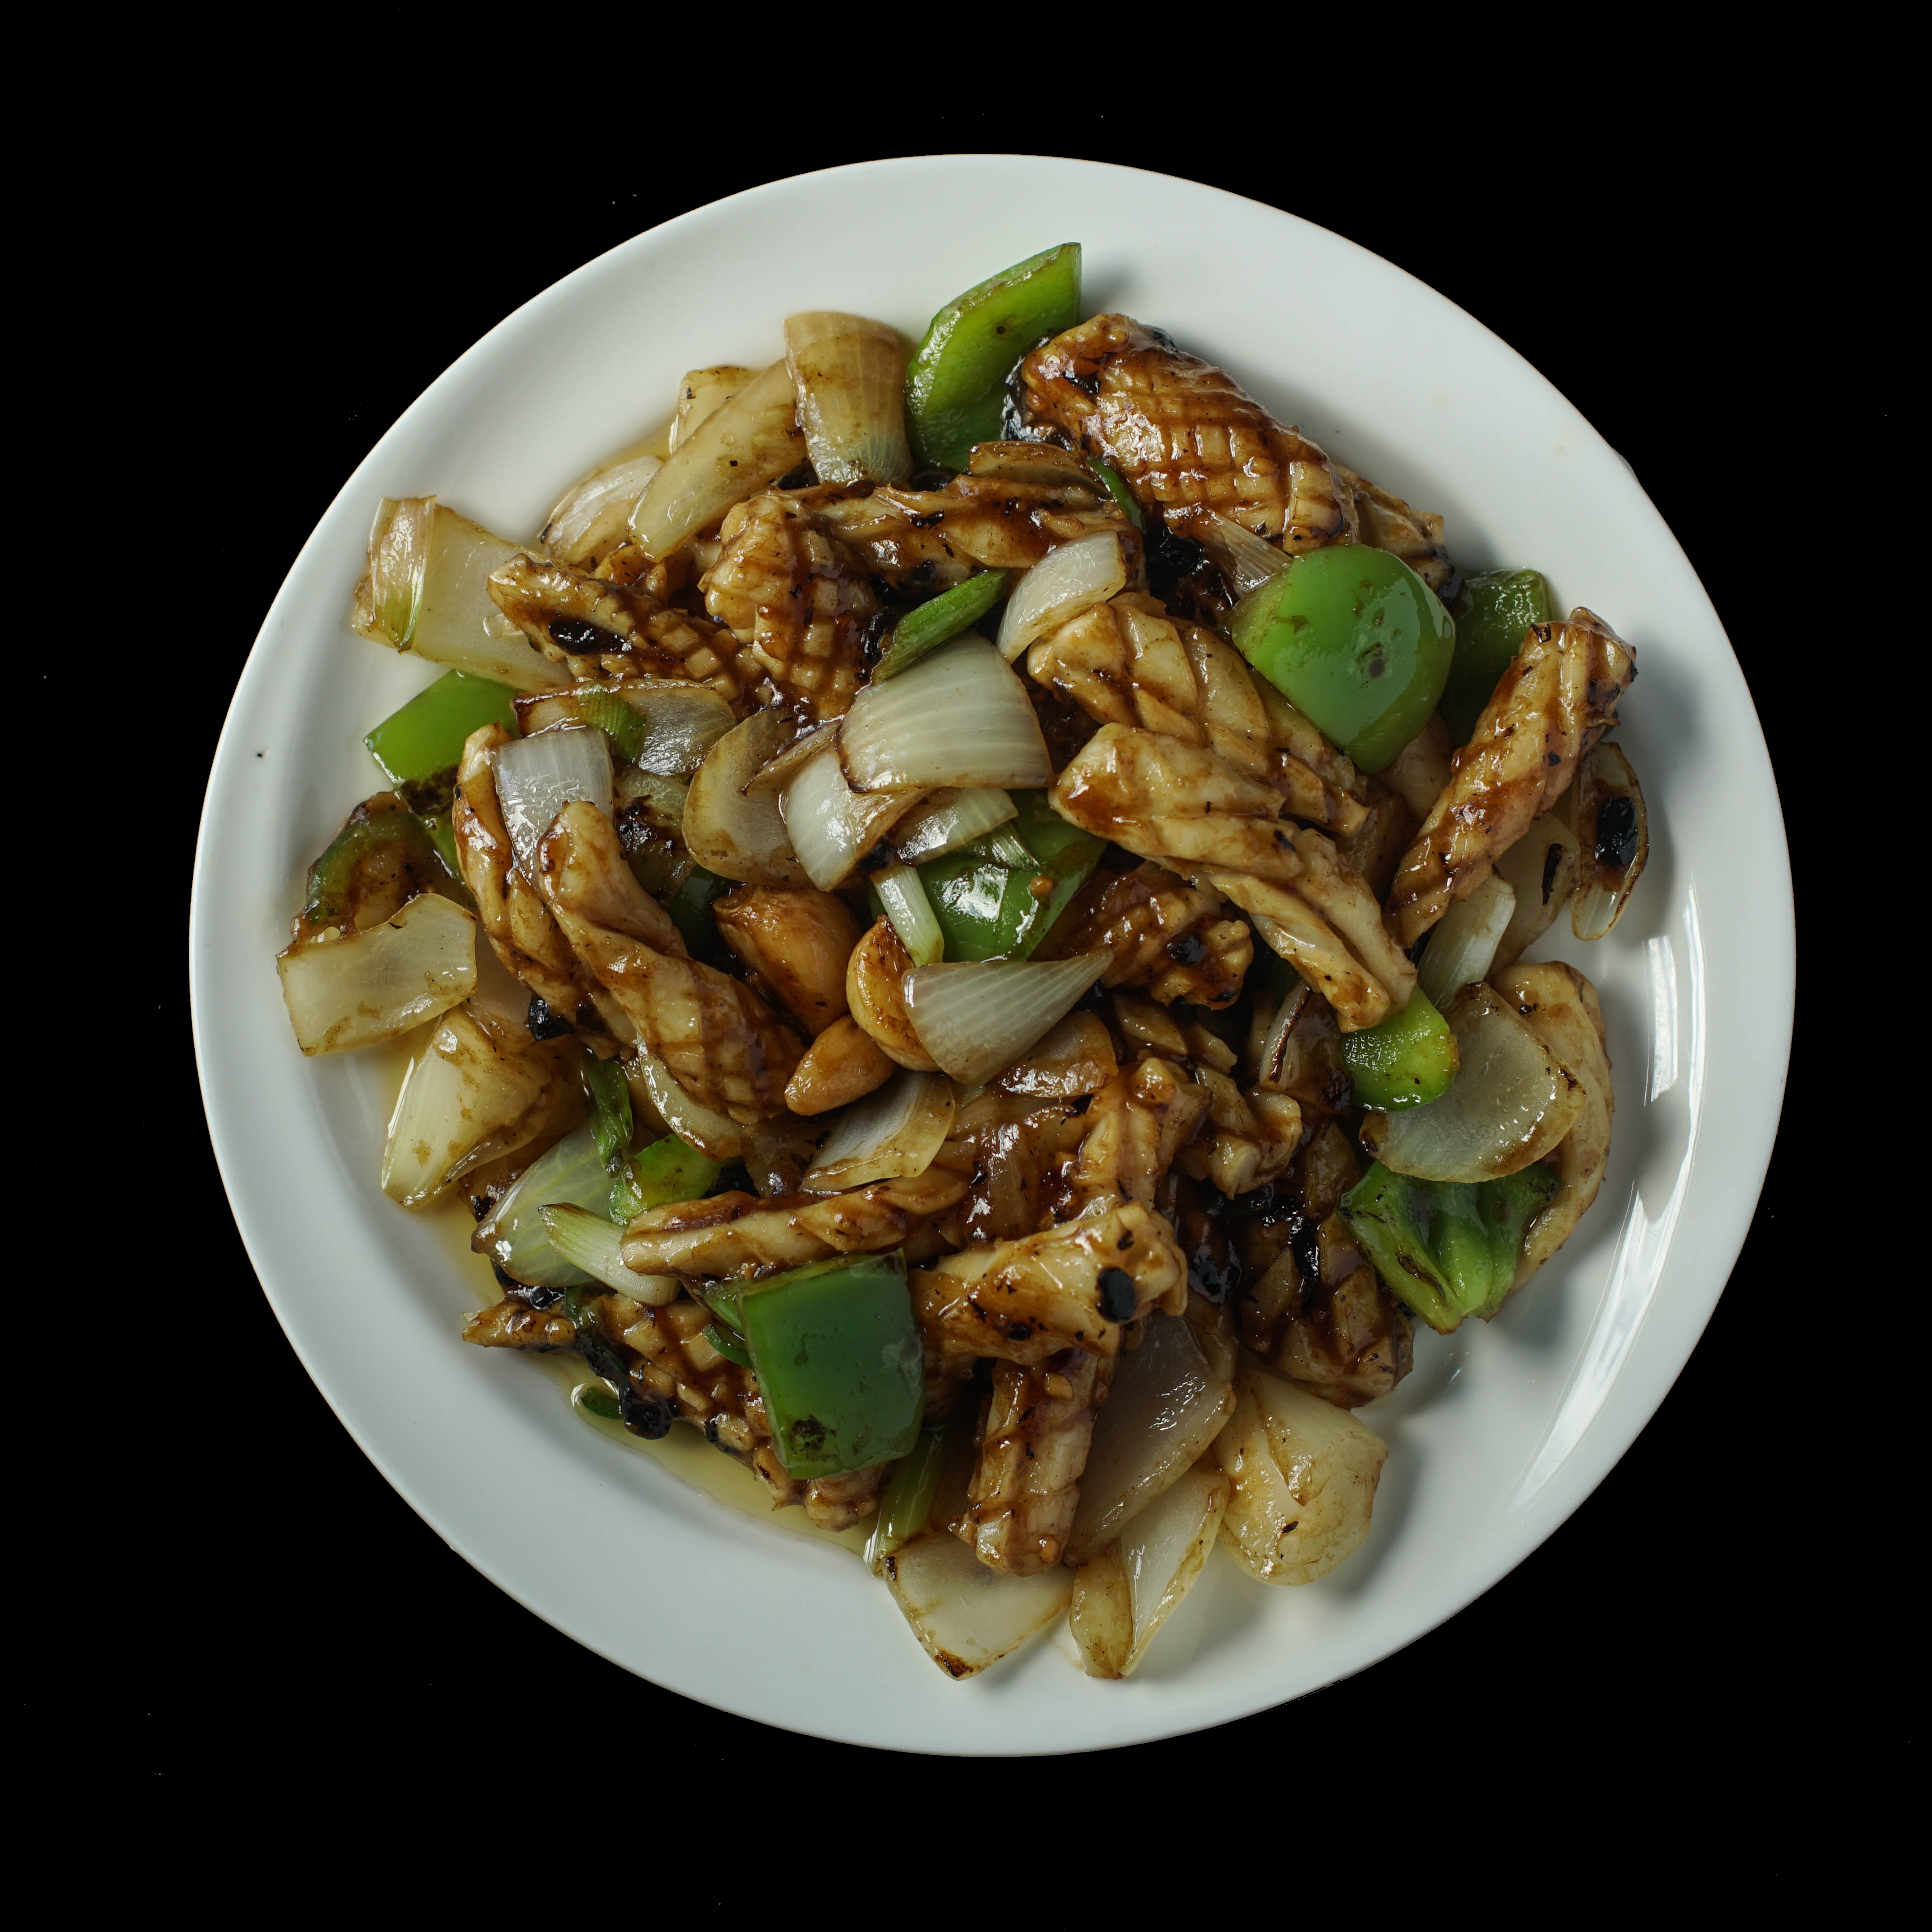 77. 豉椒 Canton Style Fermented Soy Bean Sauce Image